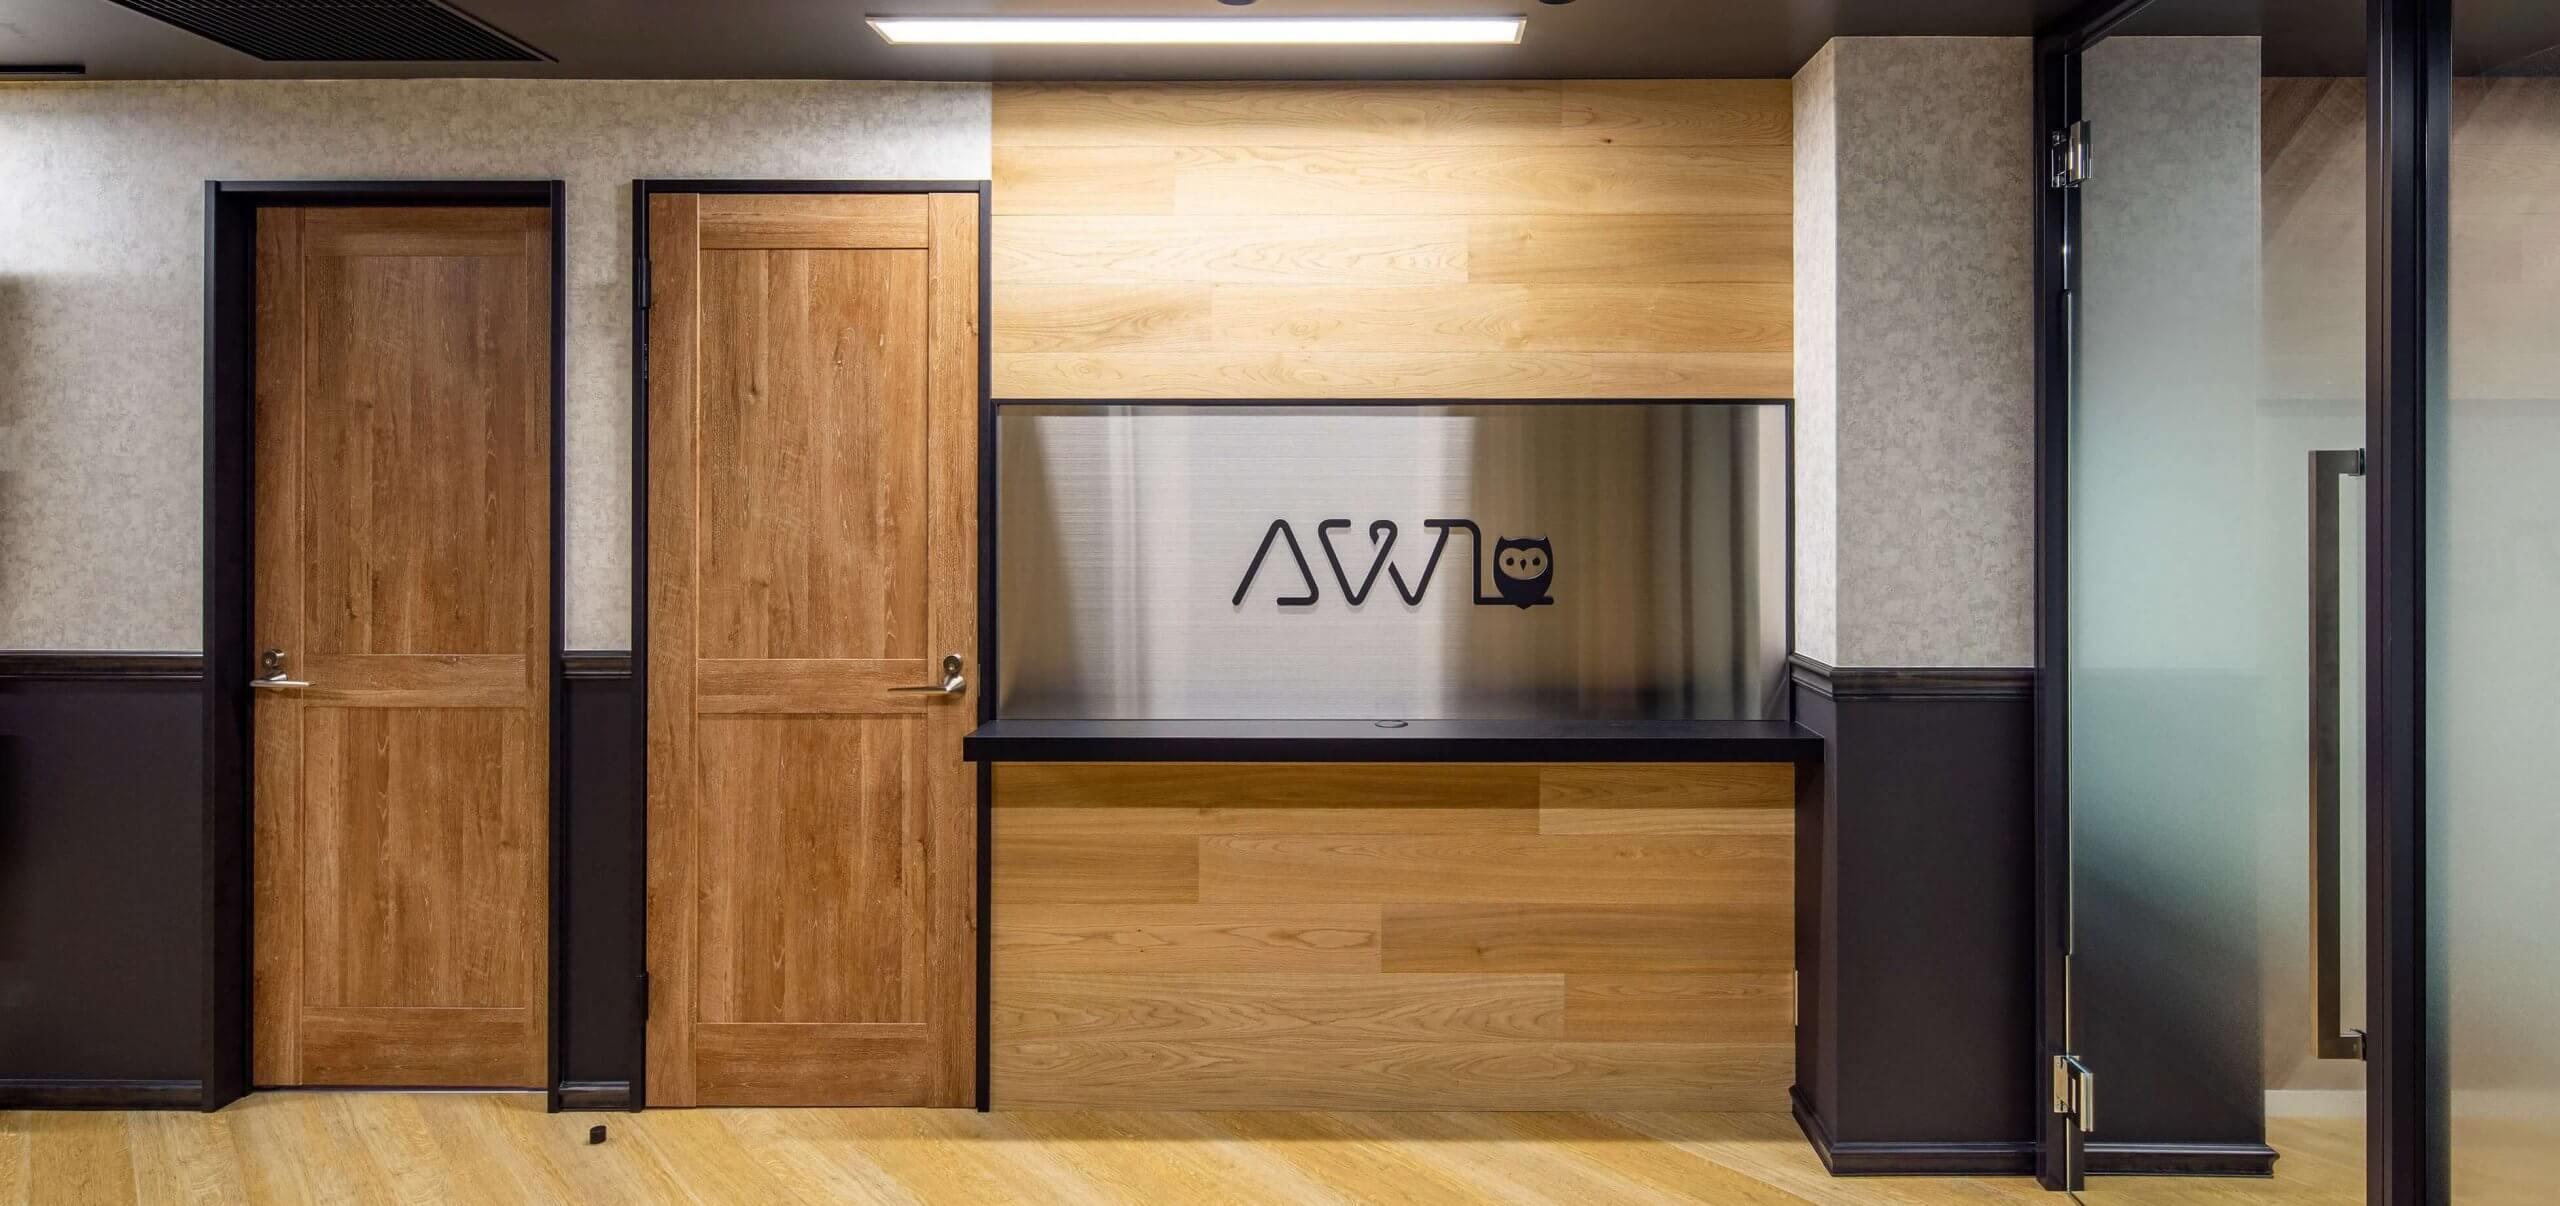 ショールームとしてエントランスを活用 株式会社AWL